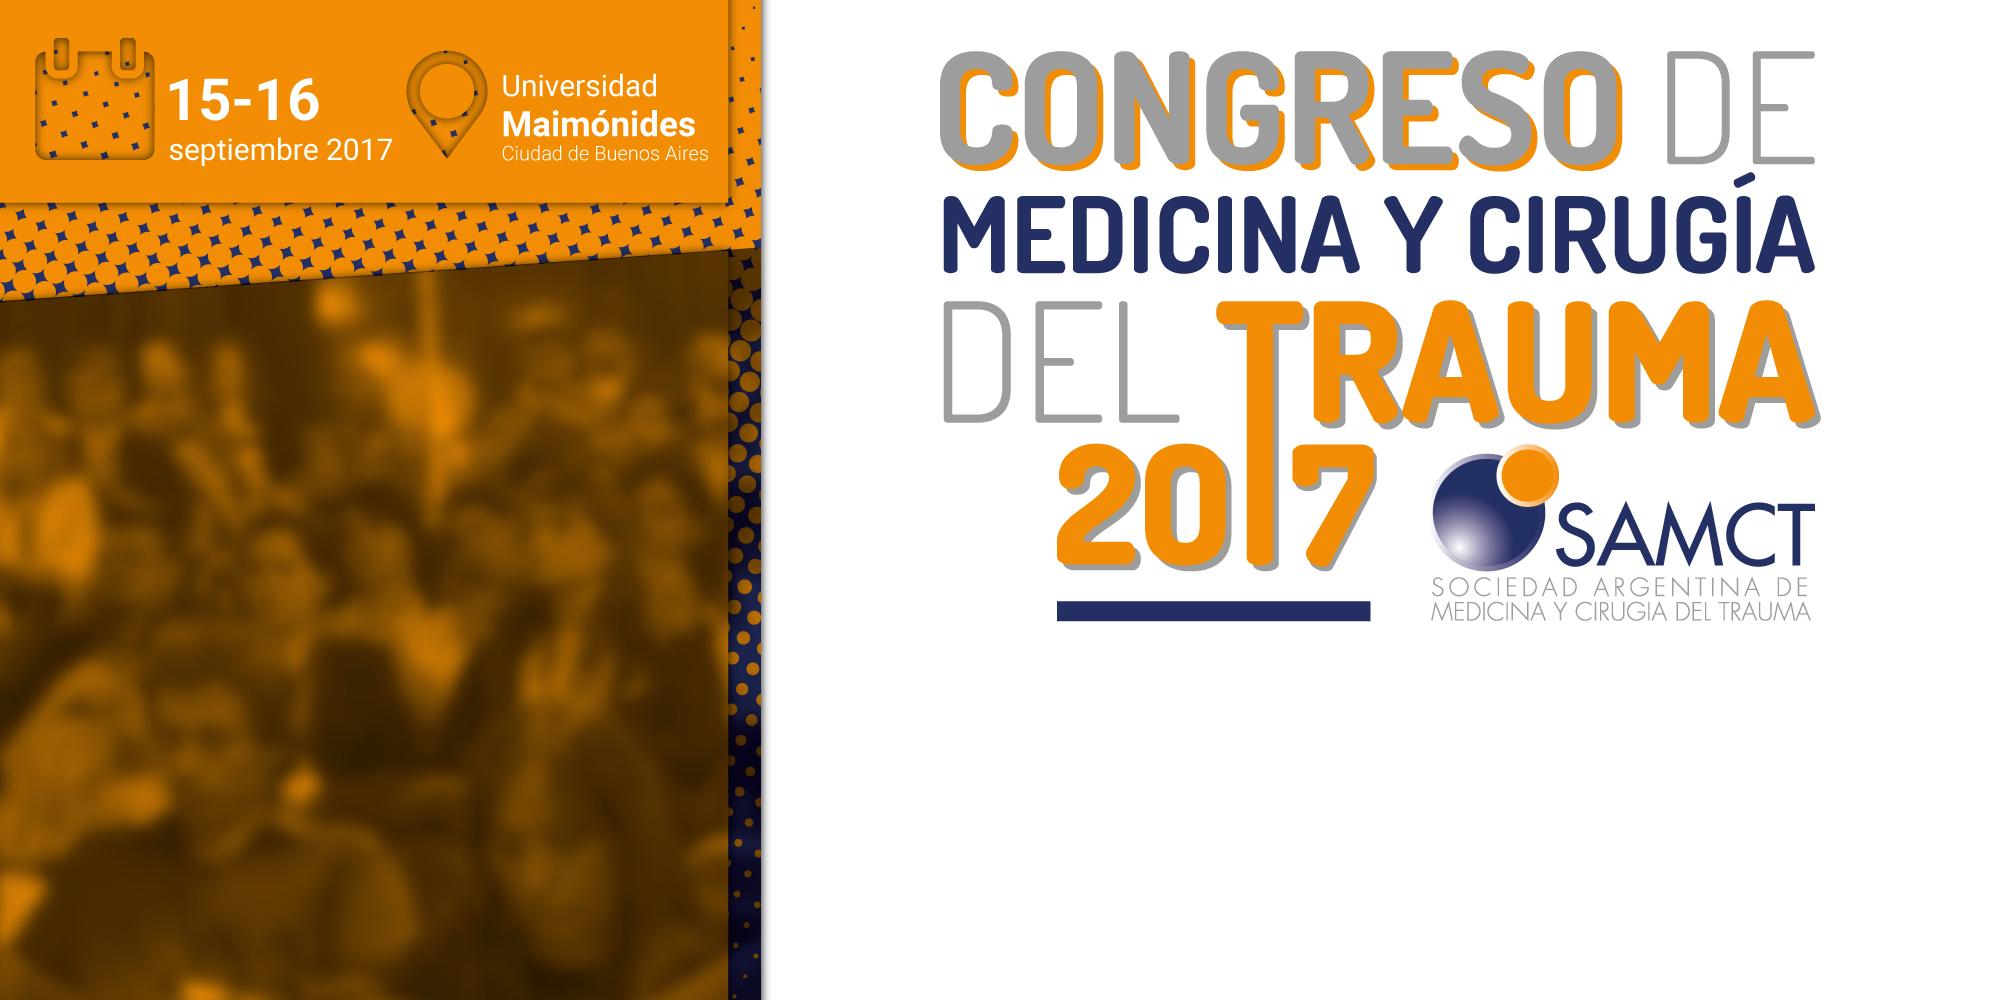 Congreso de Medicina y Cirugía del Trauma 2017 (SAMCT)